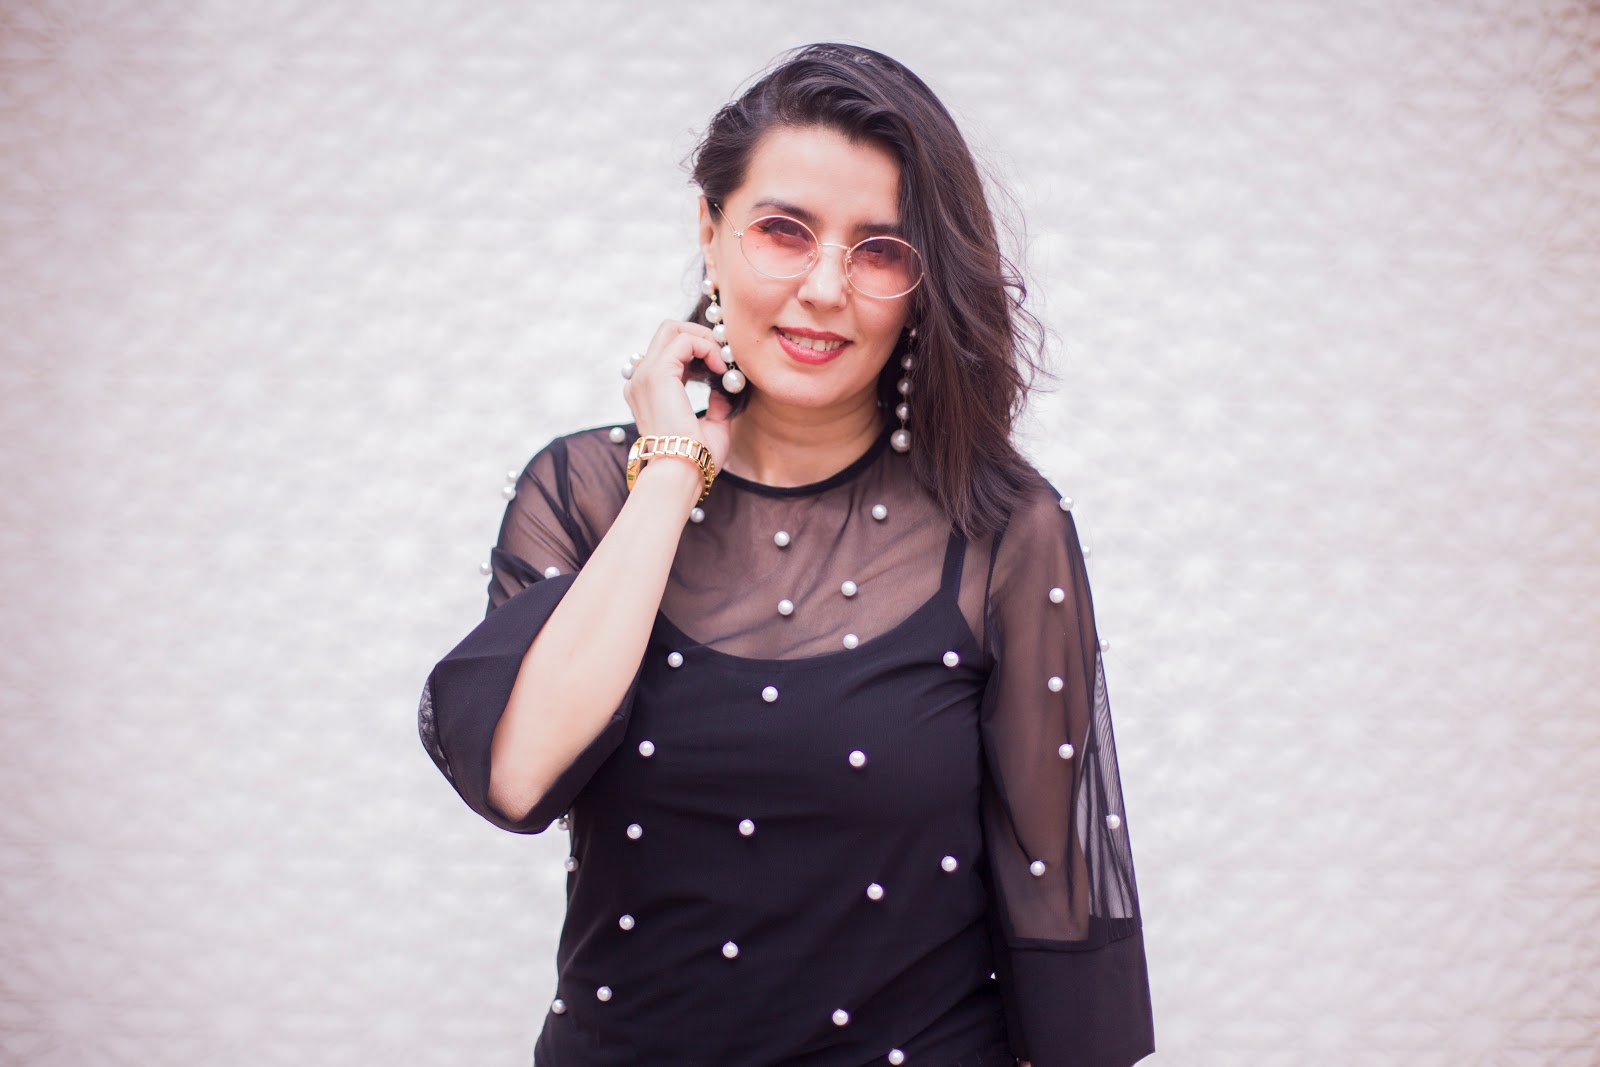 Секс узбечек ташкент, Узбекский секс видео молодой красавицы из Ташкента 16 фотография